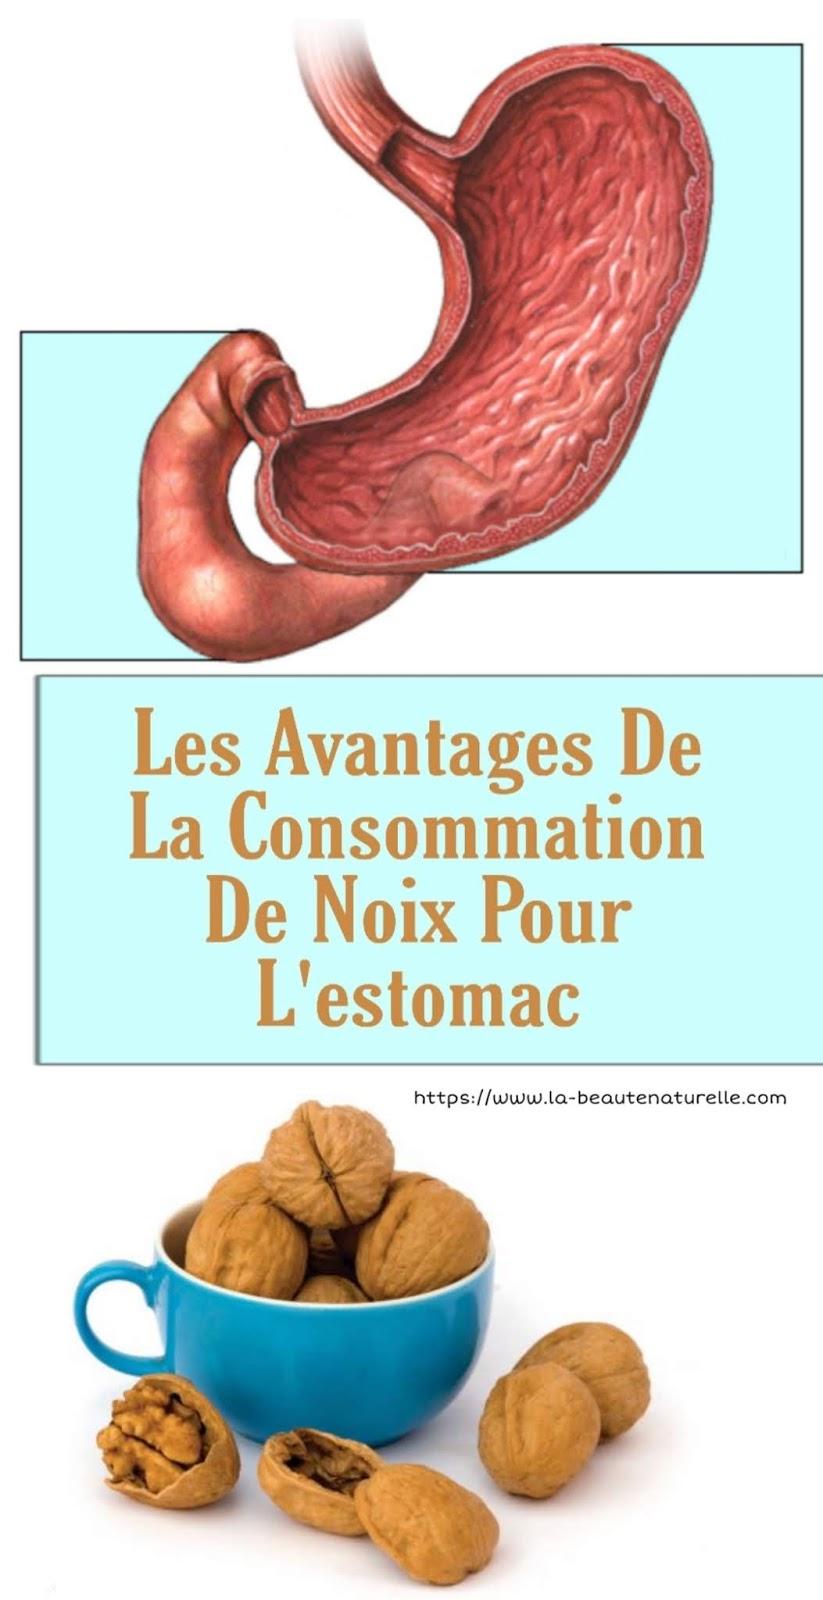 Les Avantages De La Consommation De Noix Pour L'estomac